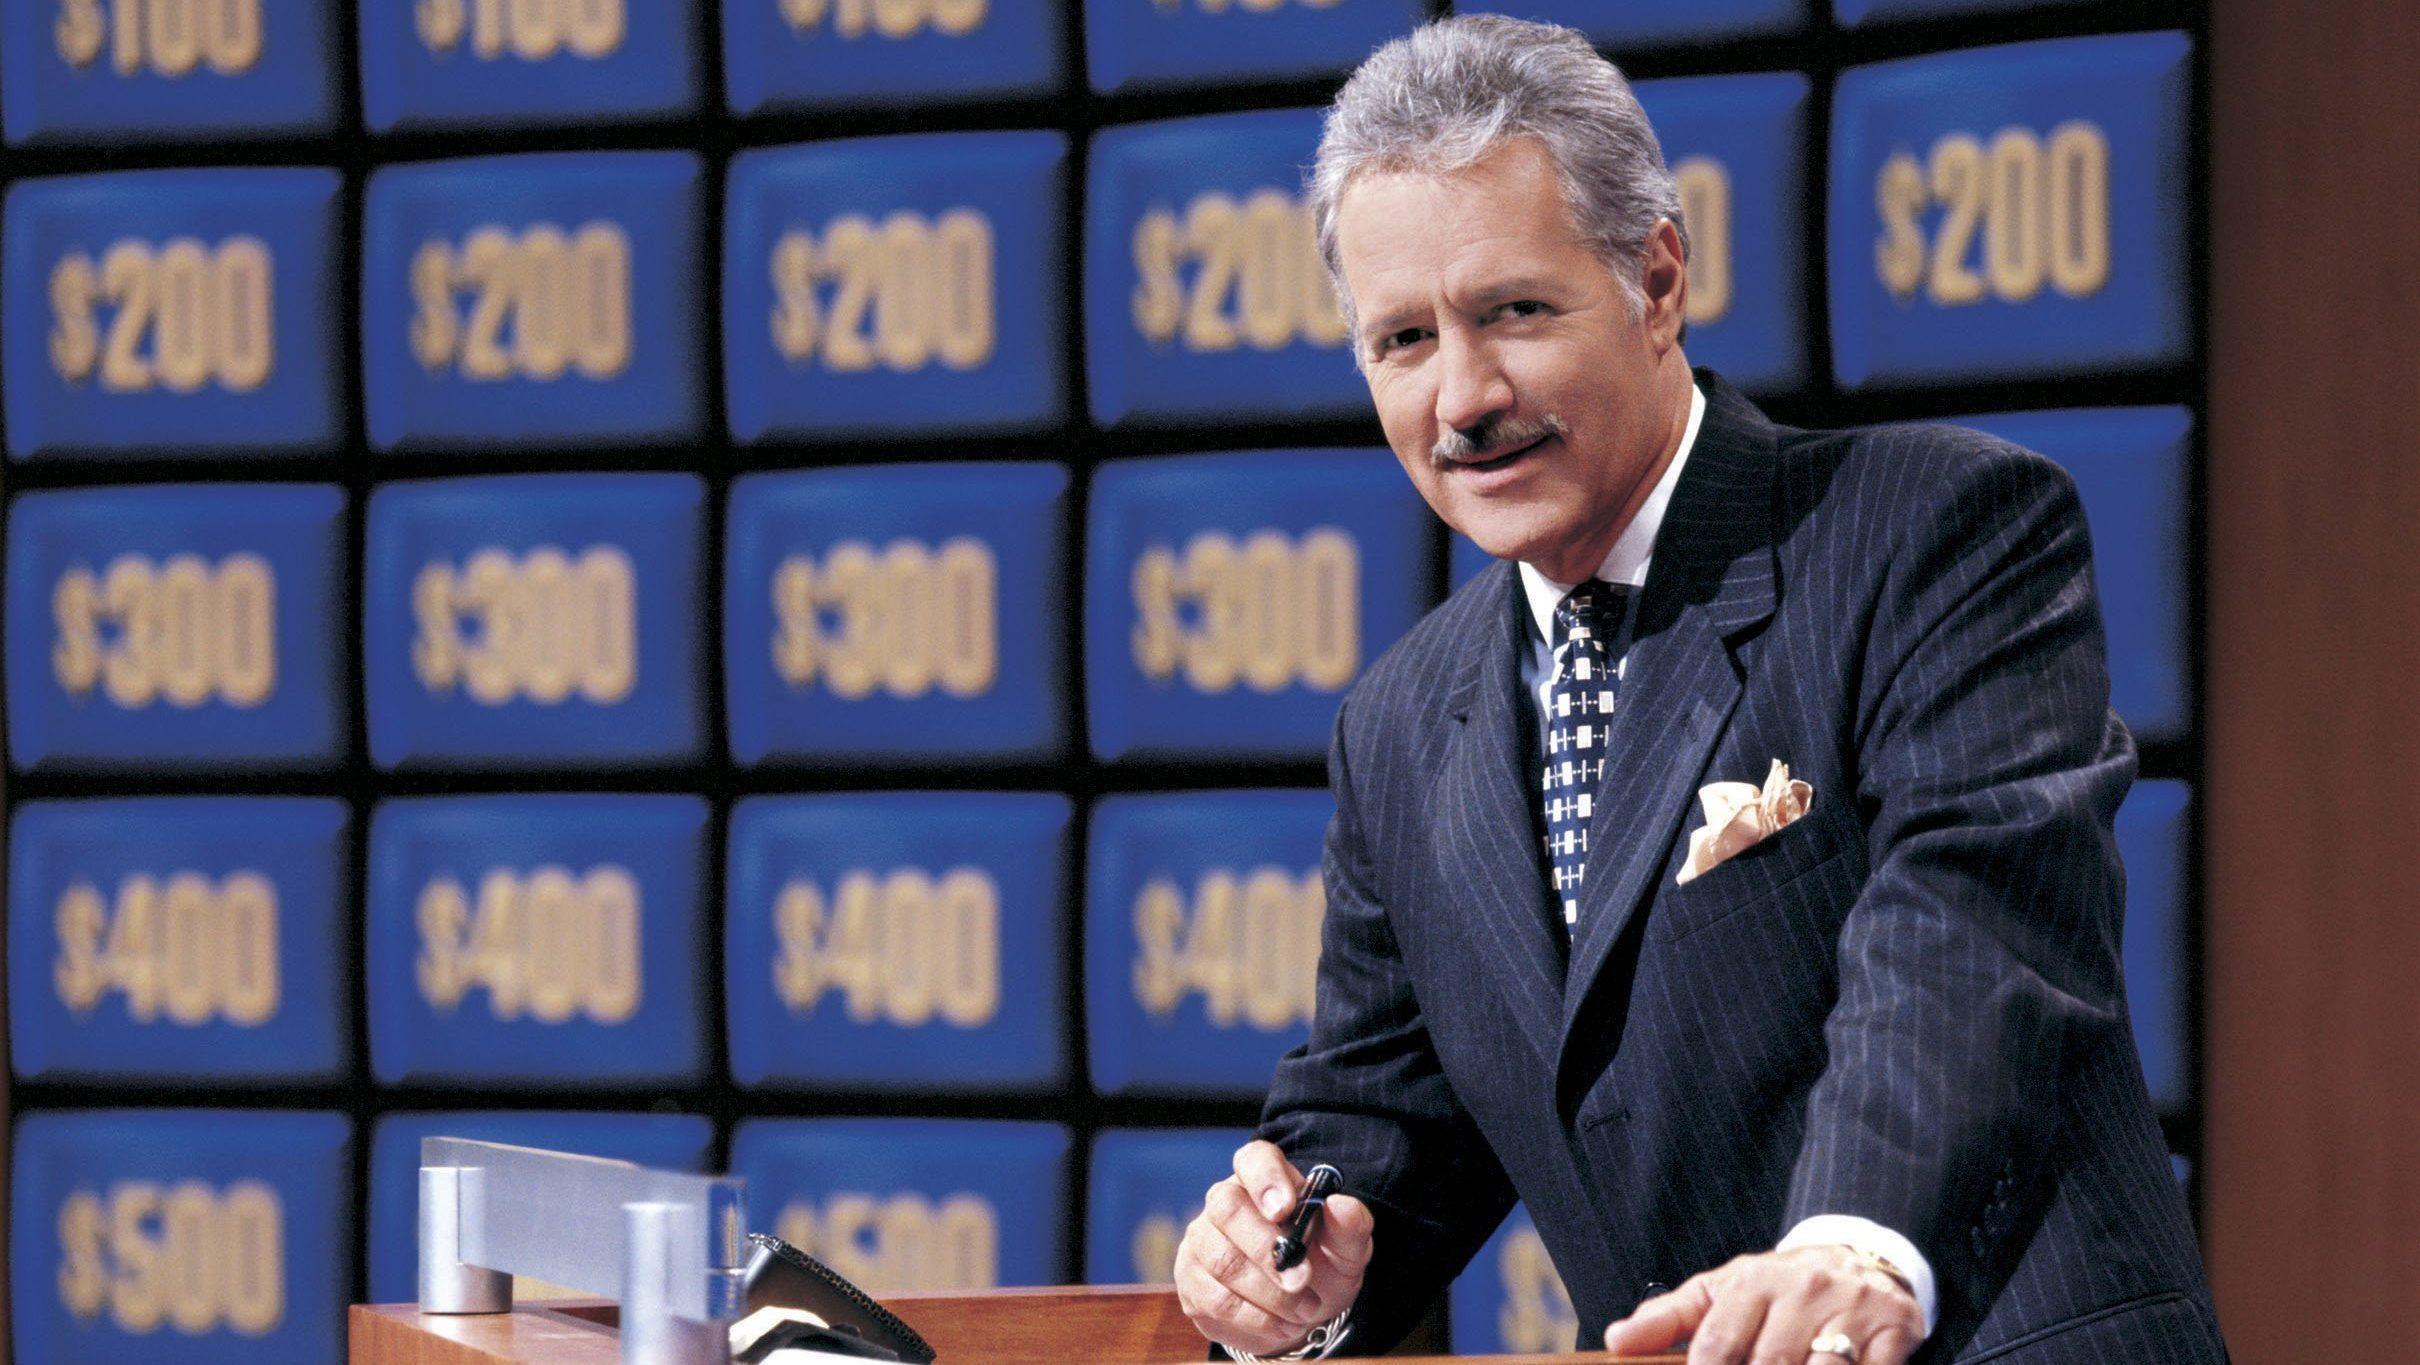 alex trebek jeopardy host